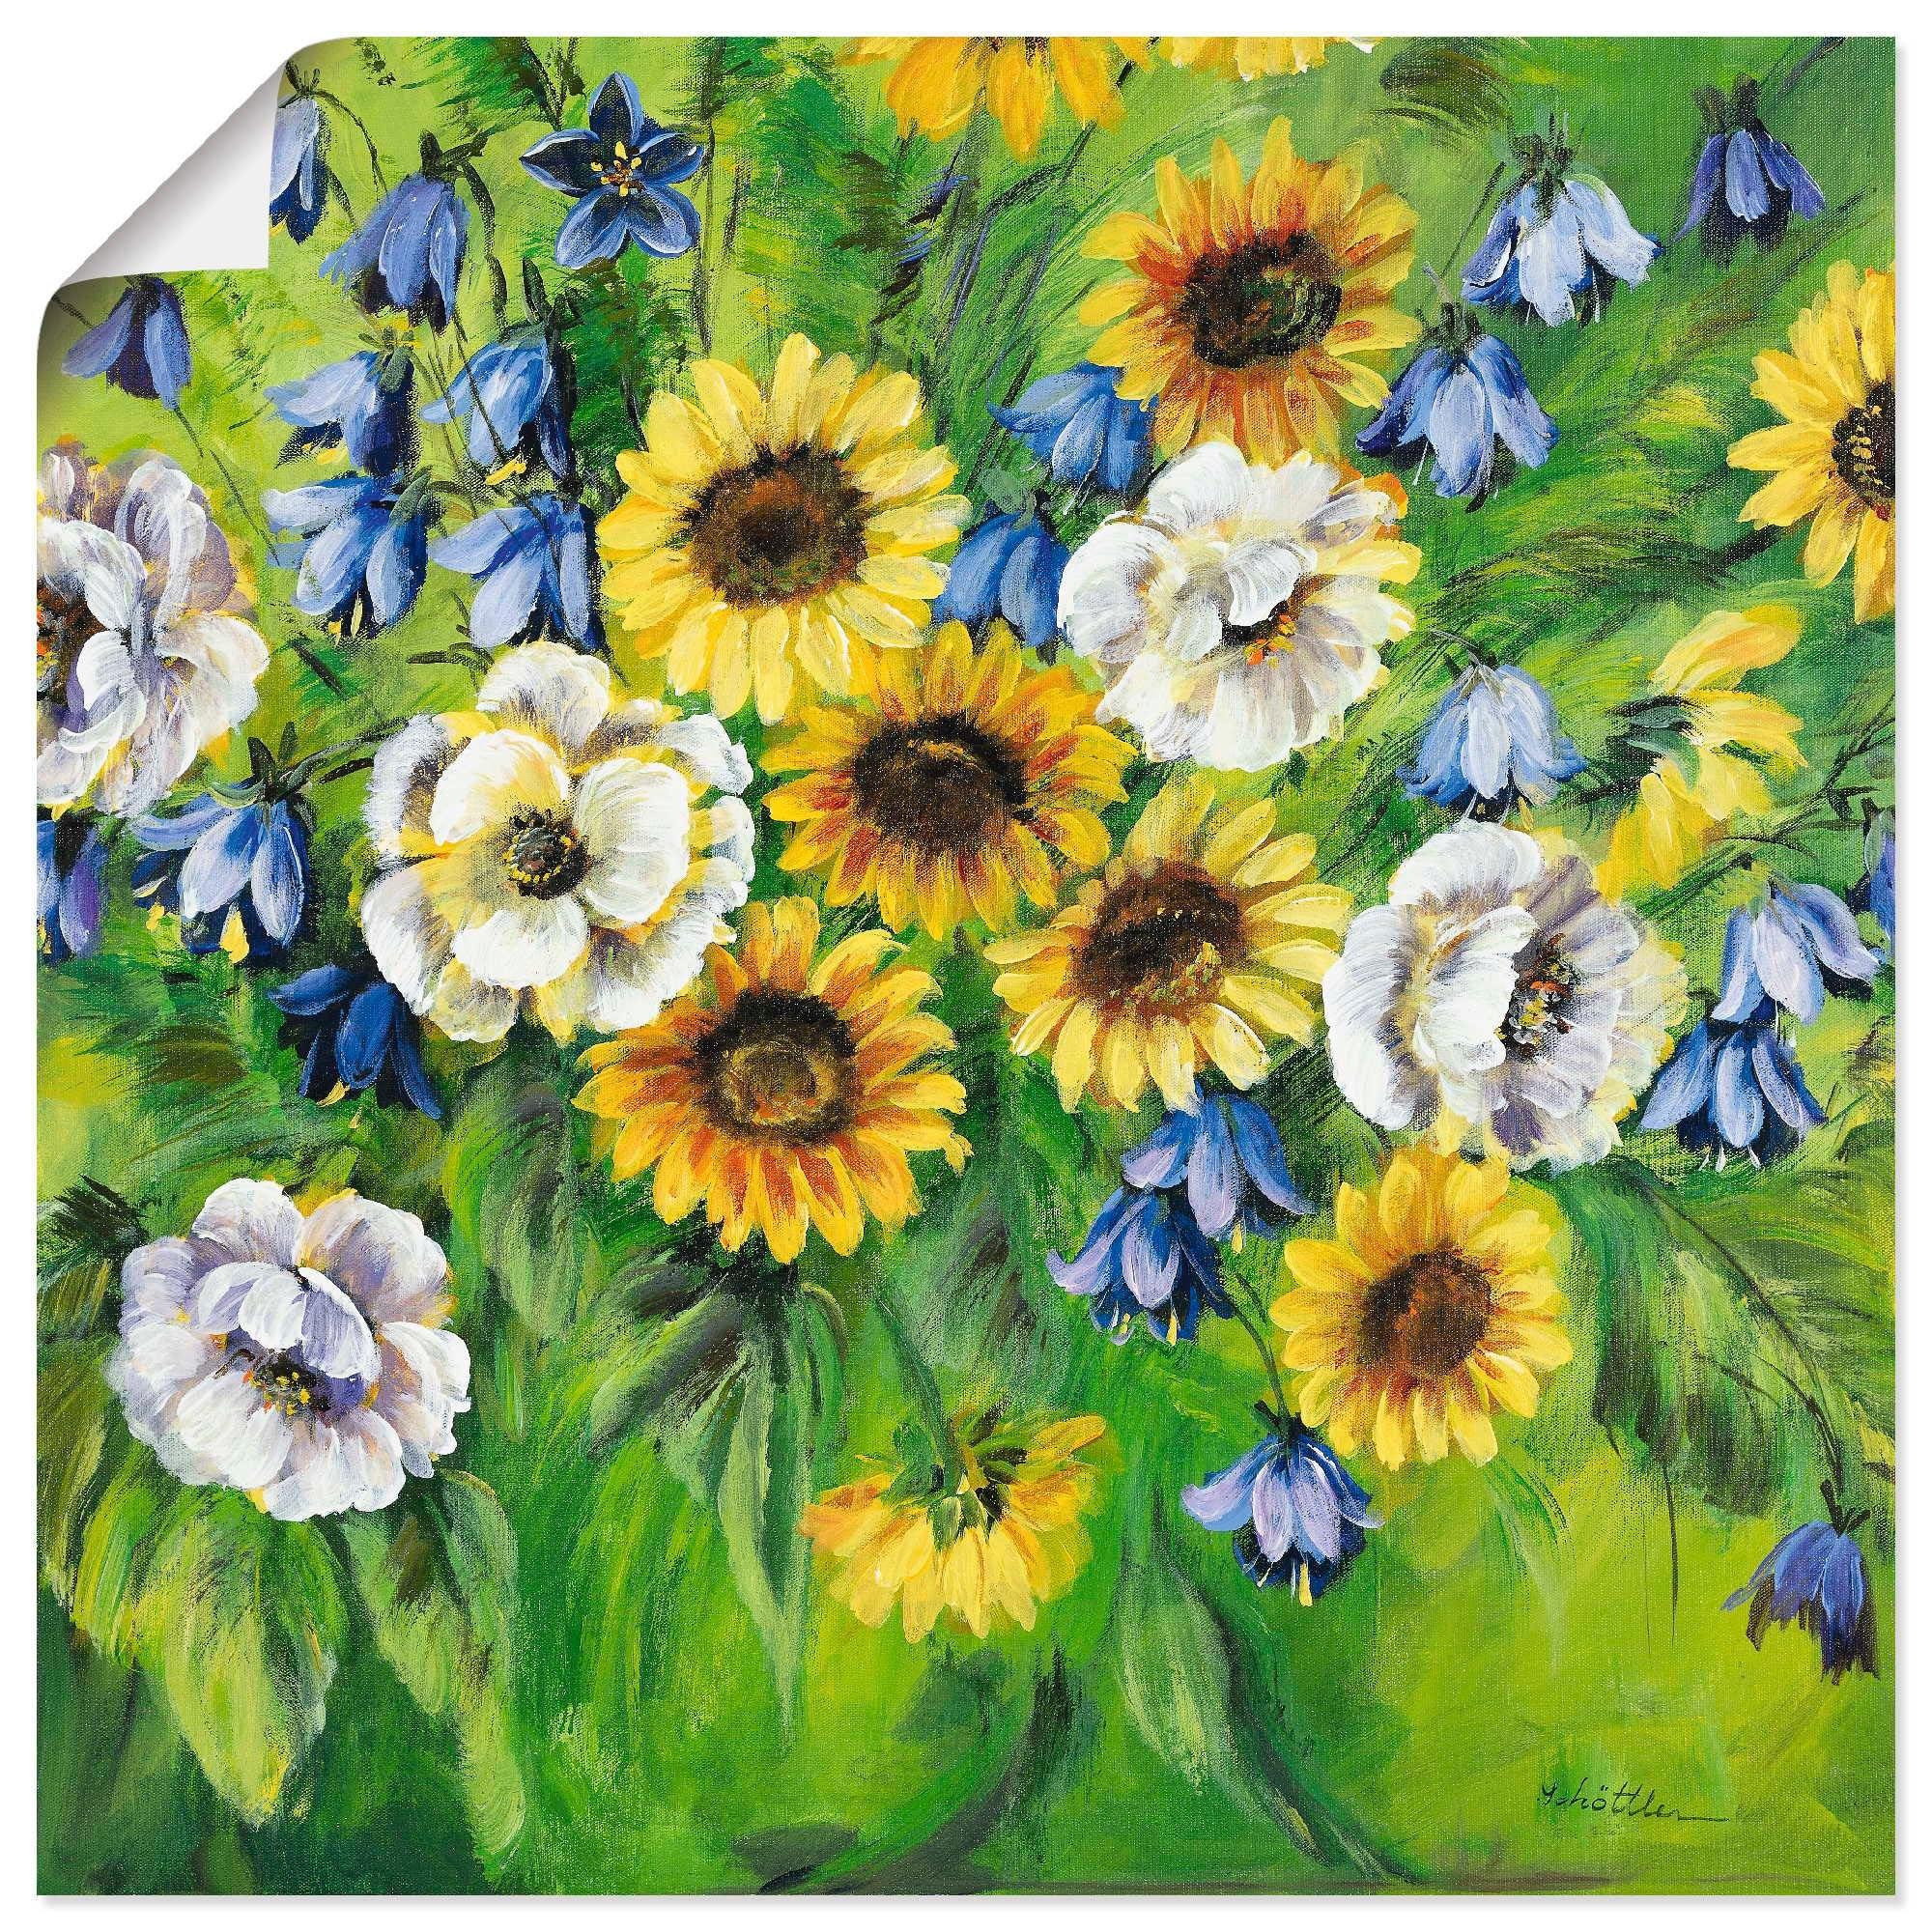 Artland artprint Gemengde zonnebloemen in vele afmetingen & productsoorten -artprint op linnen, poster, muursticker / wandfolie ook geschikt voor de badkamer (1 stuk) voordelig en veilig online kopen